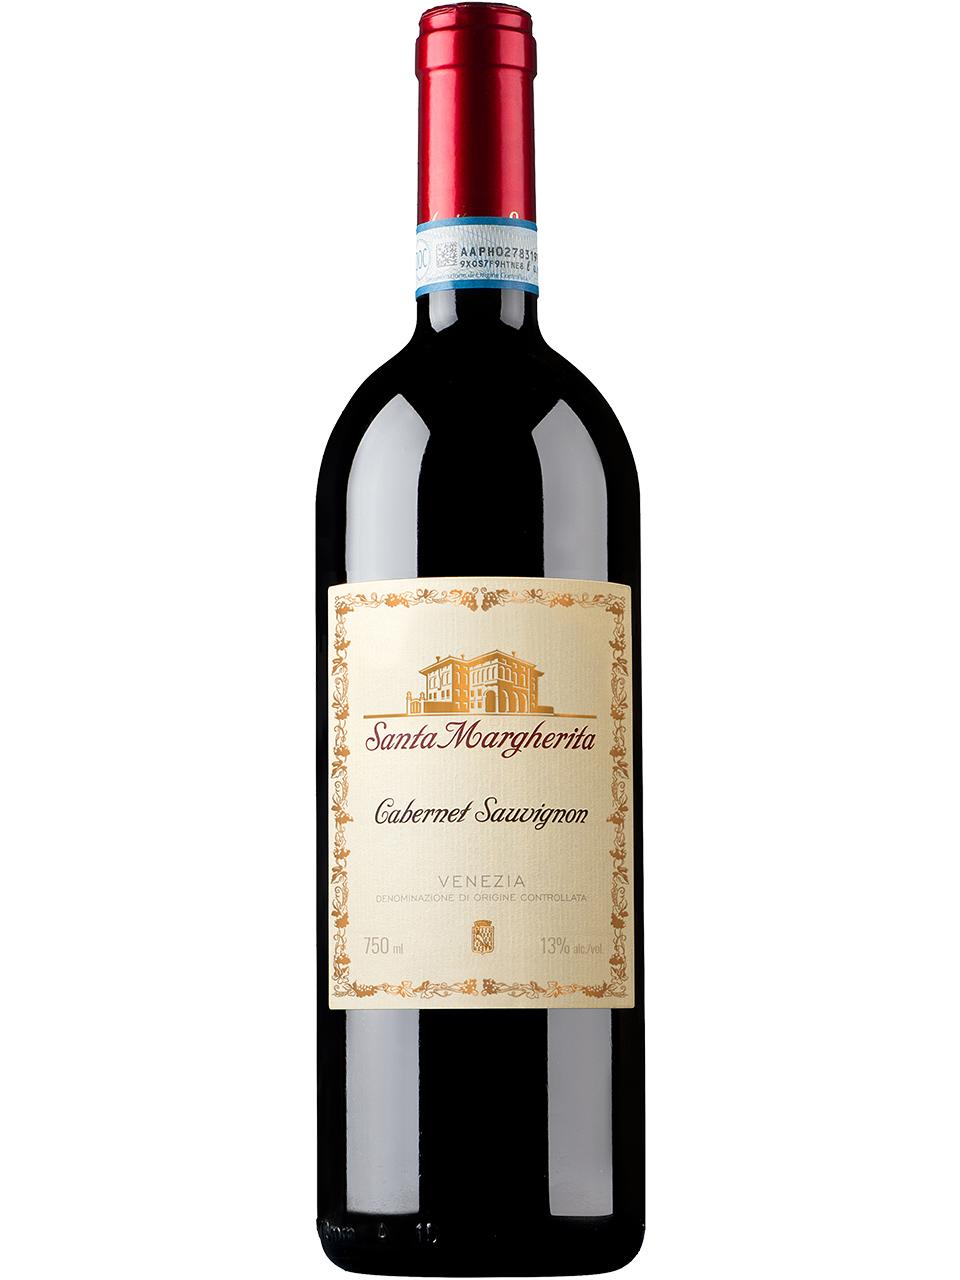 Santa Margherita Cabernet Sauvignon